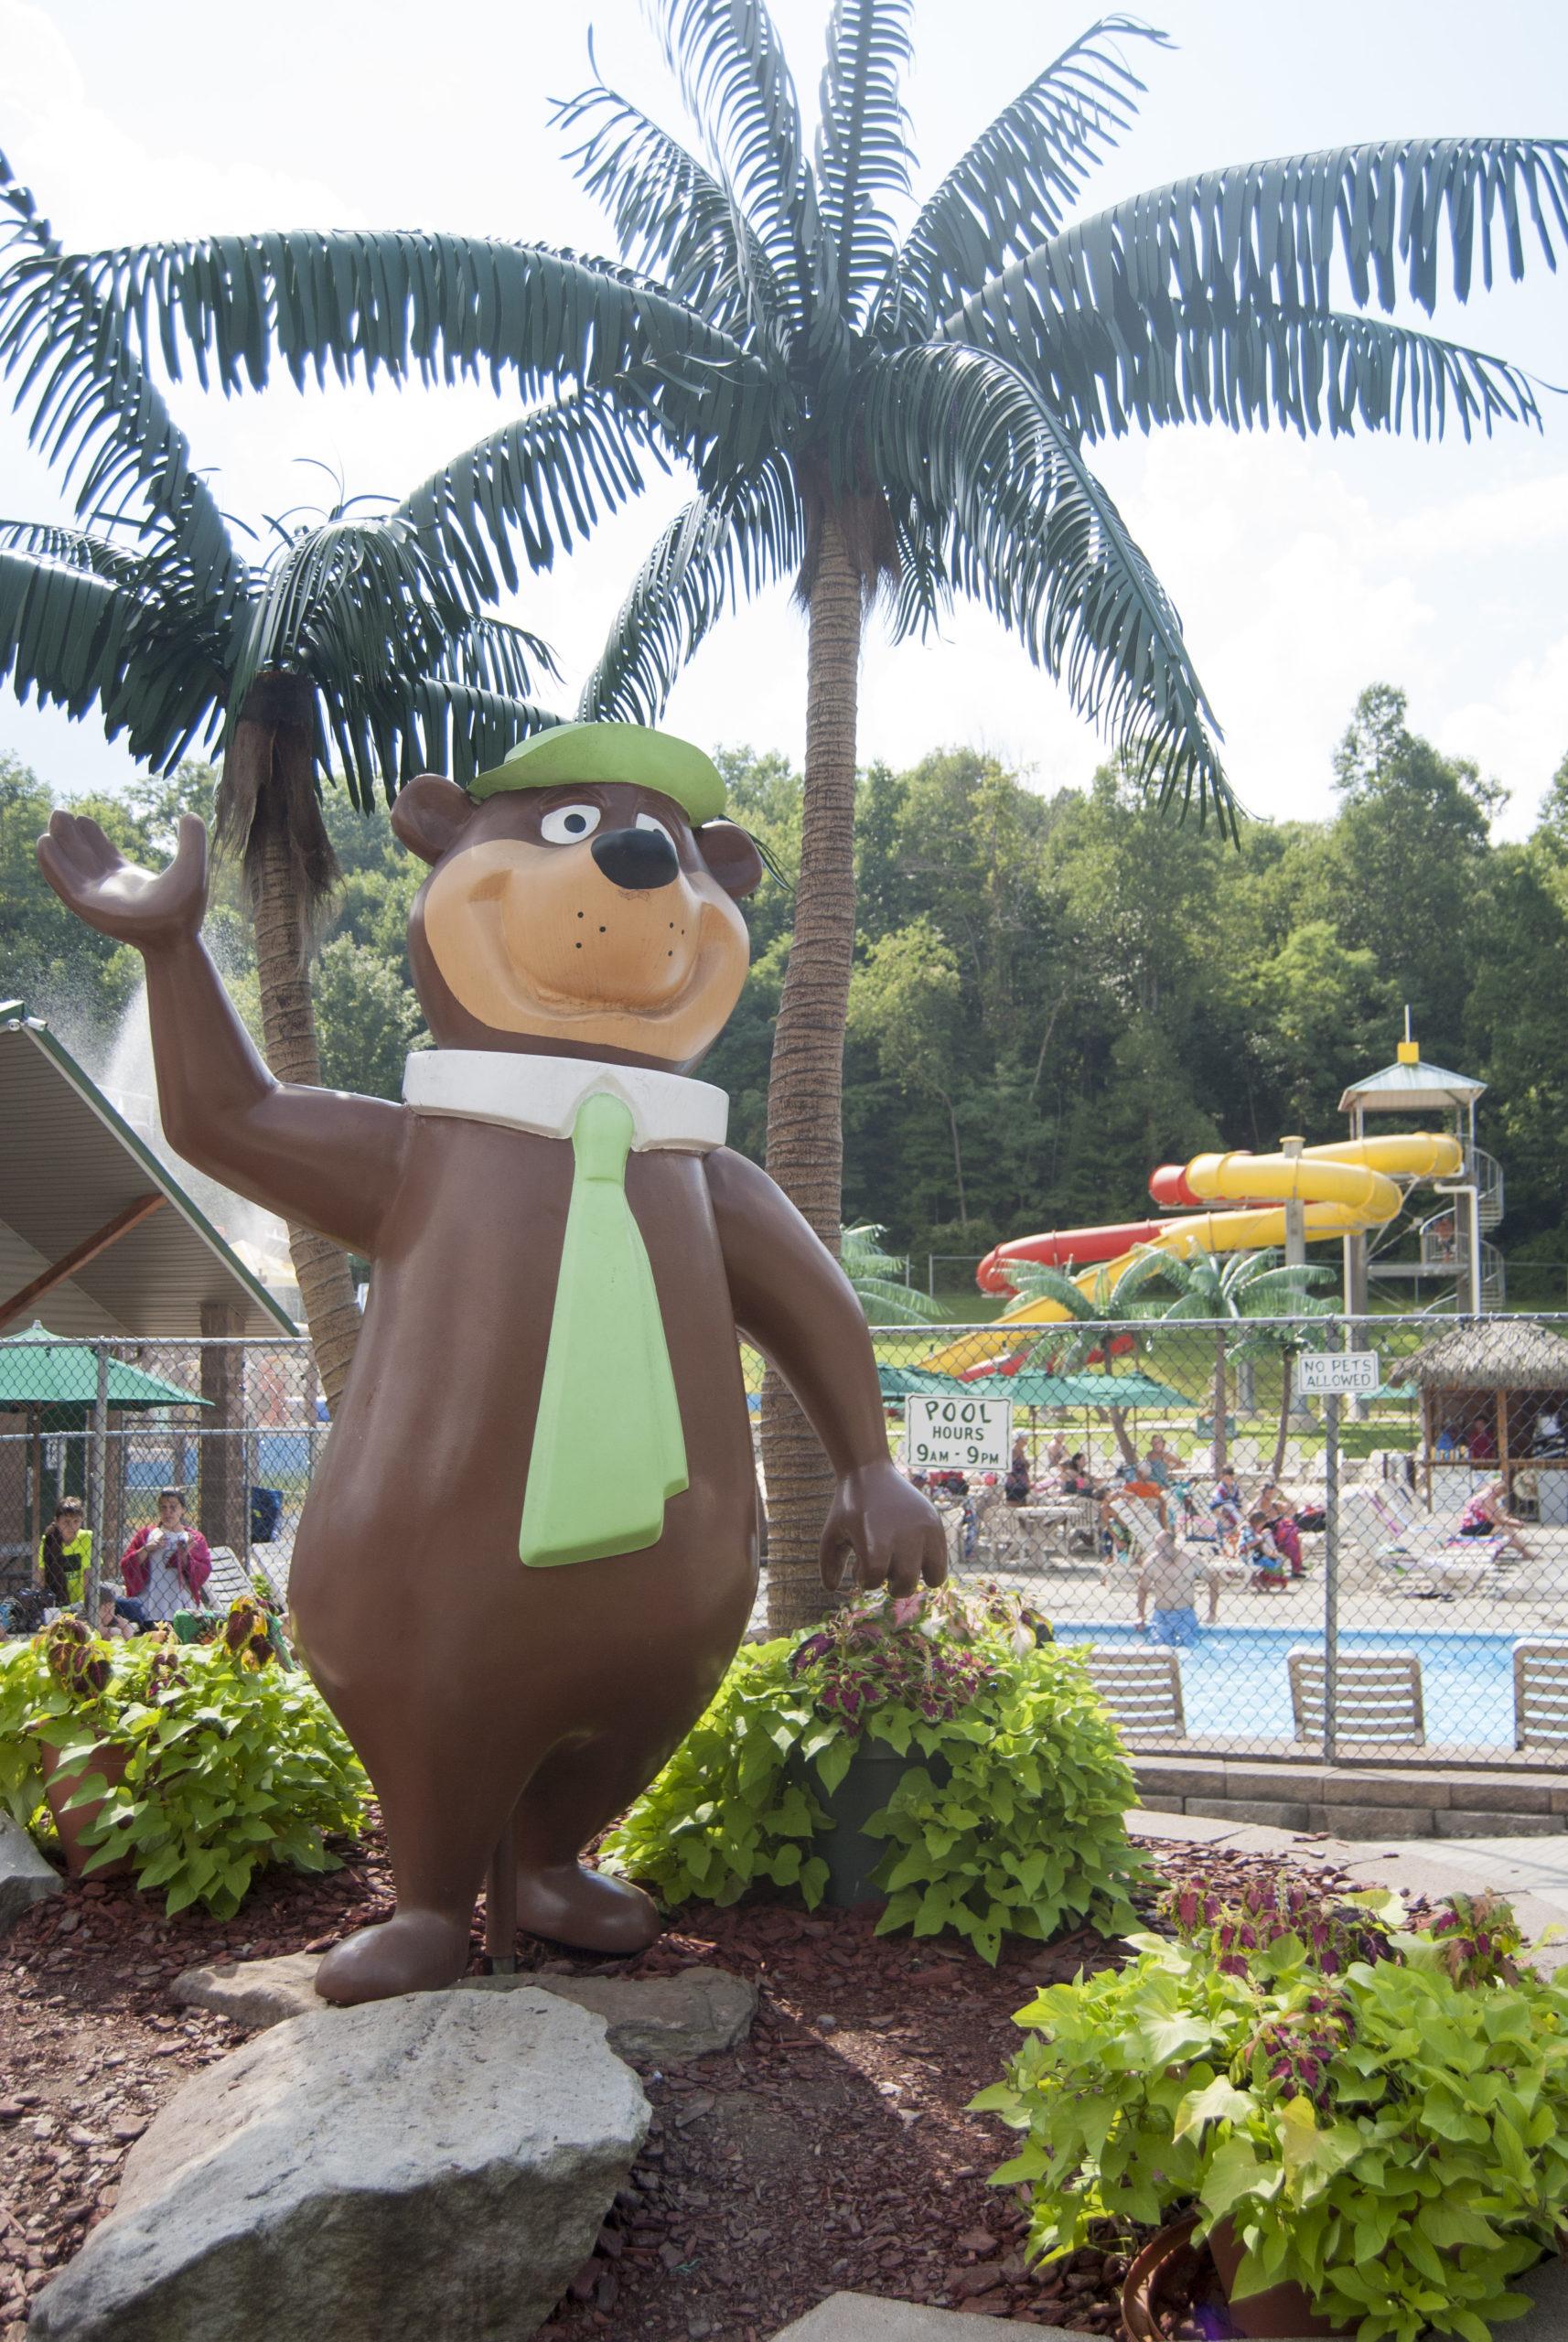 yogi bear statue at wetlands